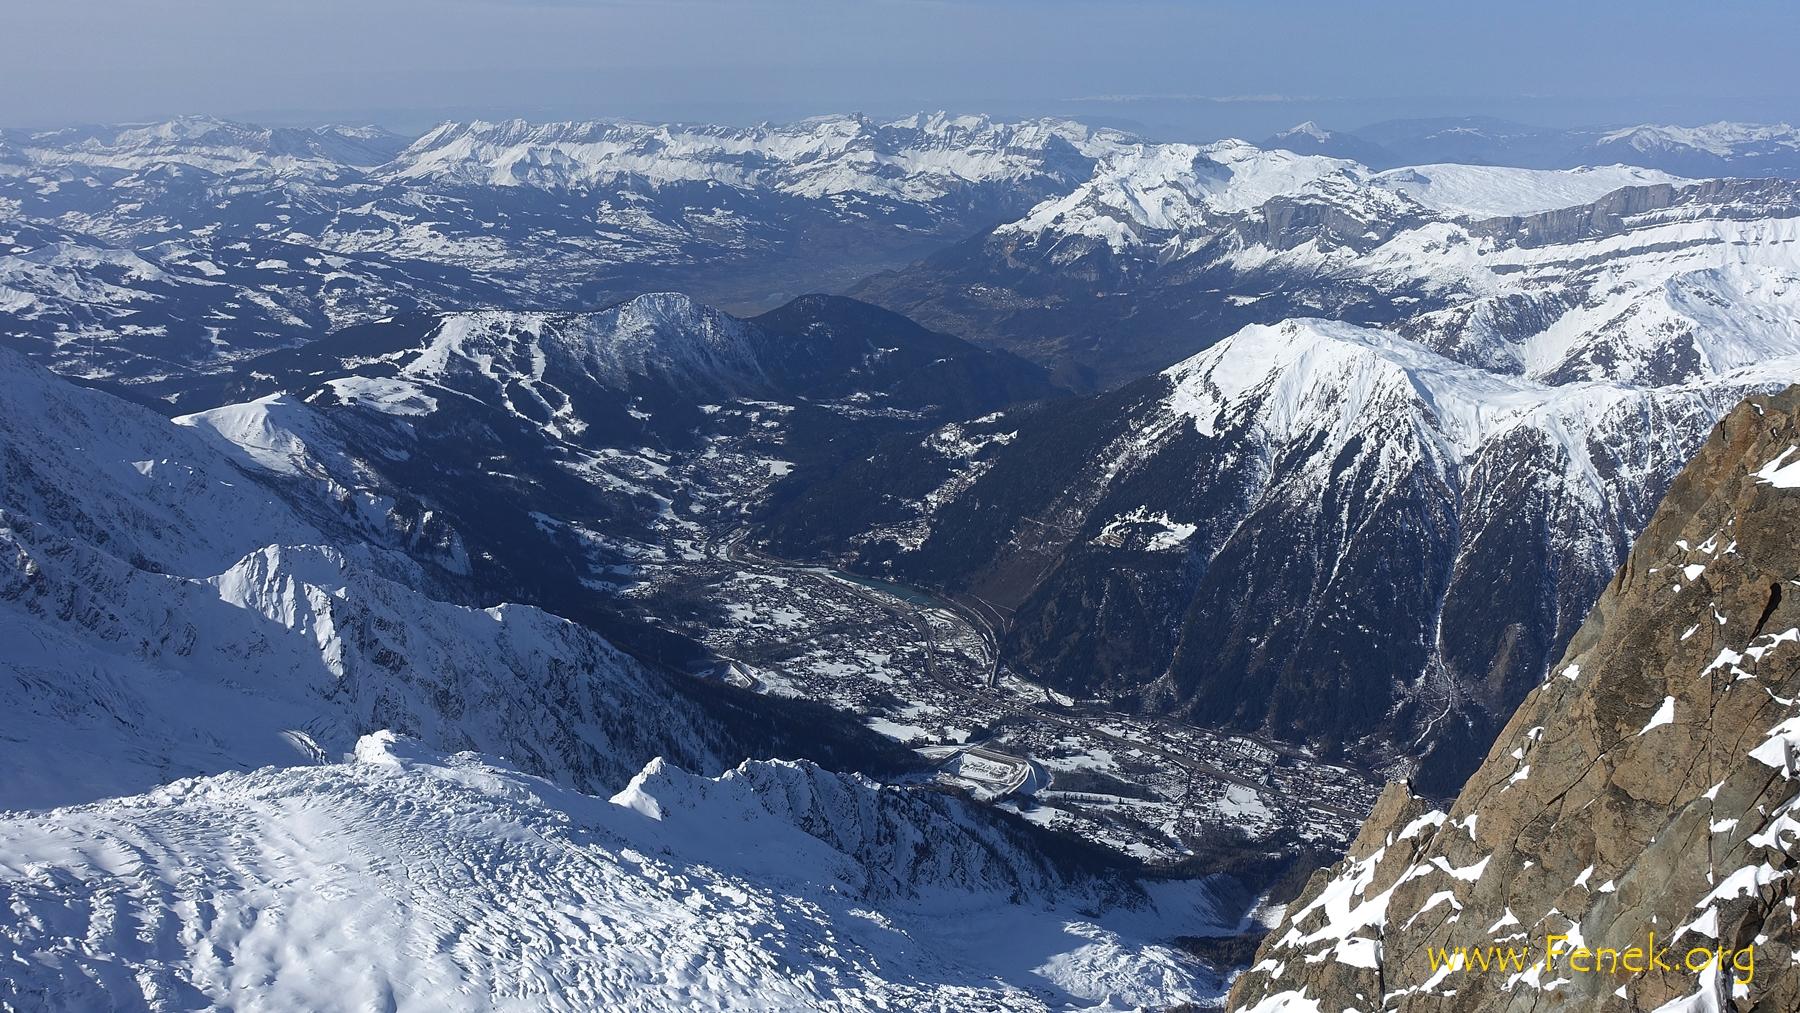 2800m tiefer die Vororte von Chamonix